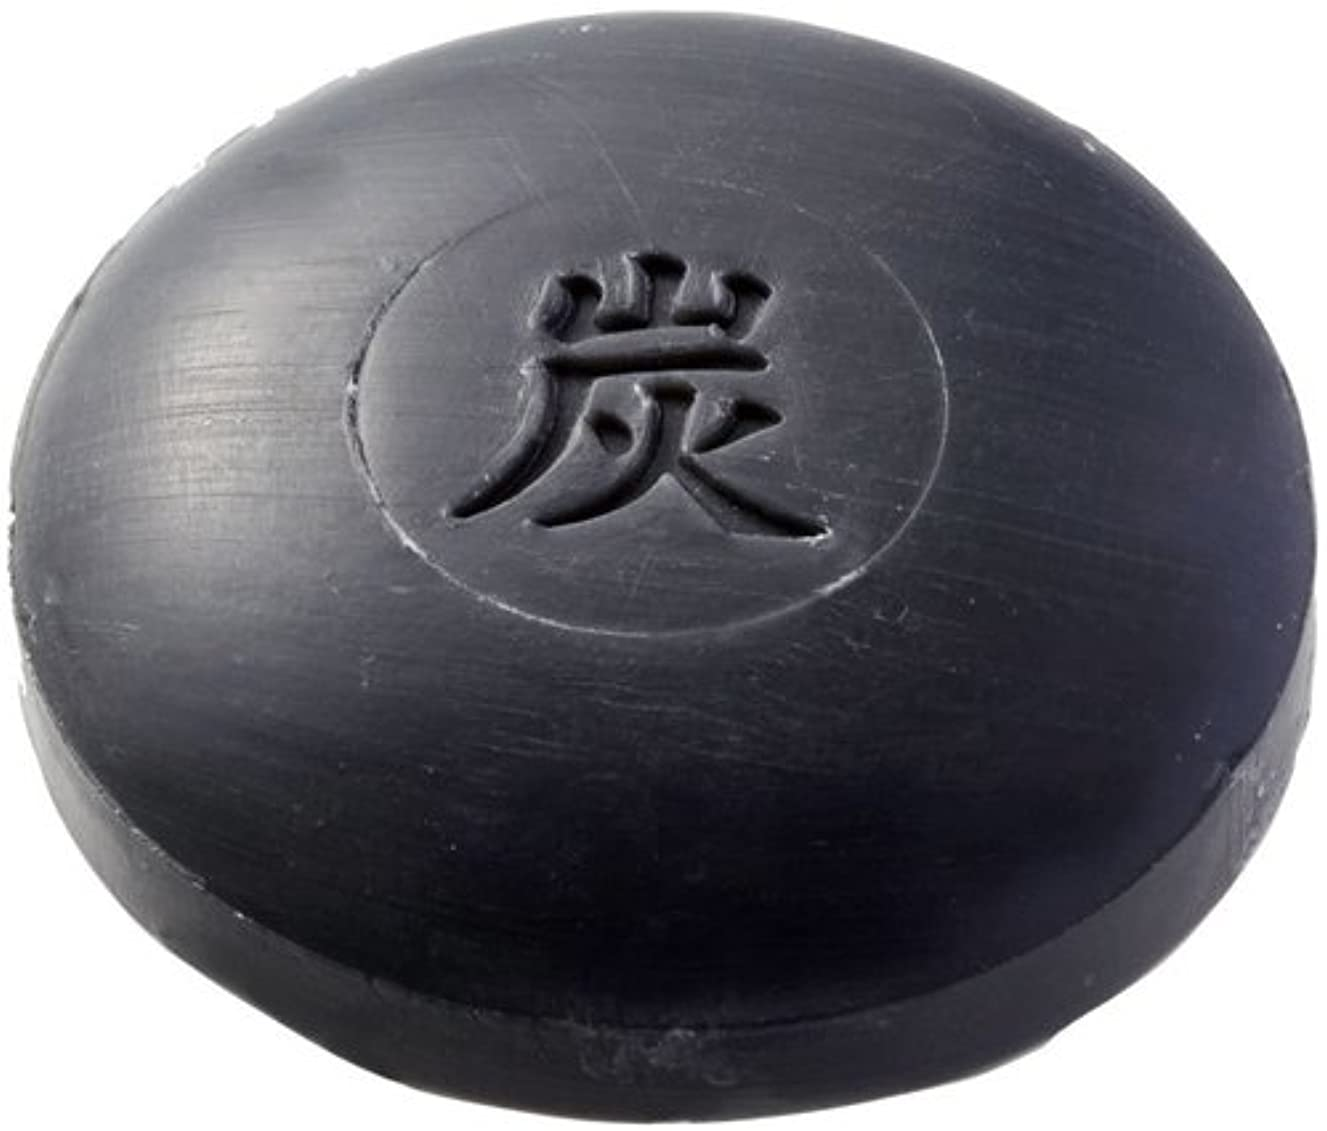 熱心な一般化する自治和み庵 石けん(炭石けん) 30g×20個